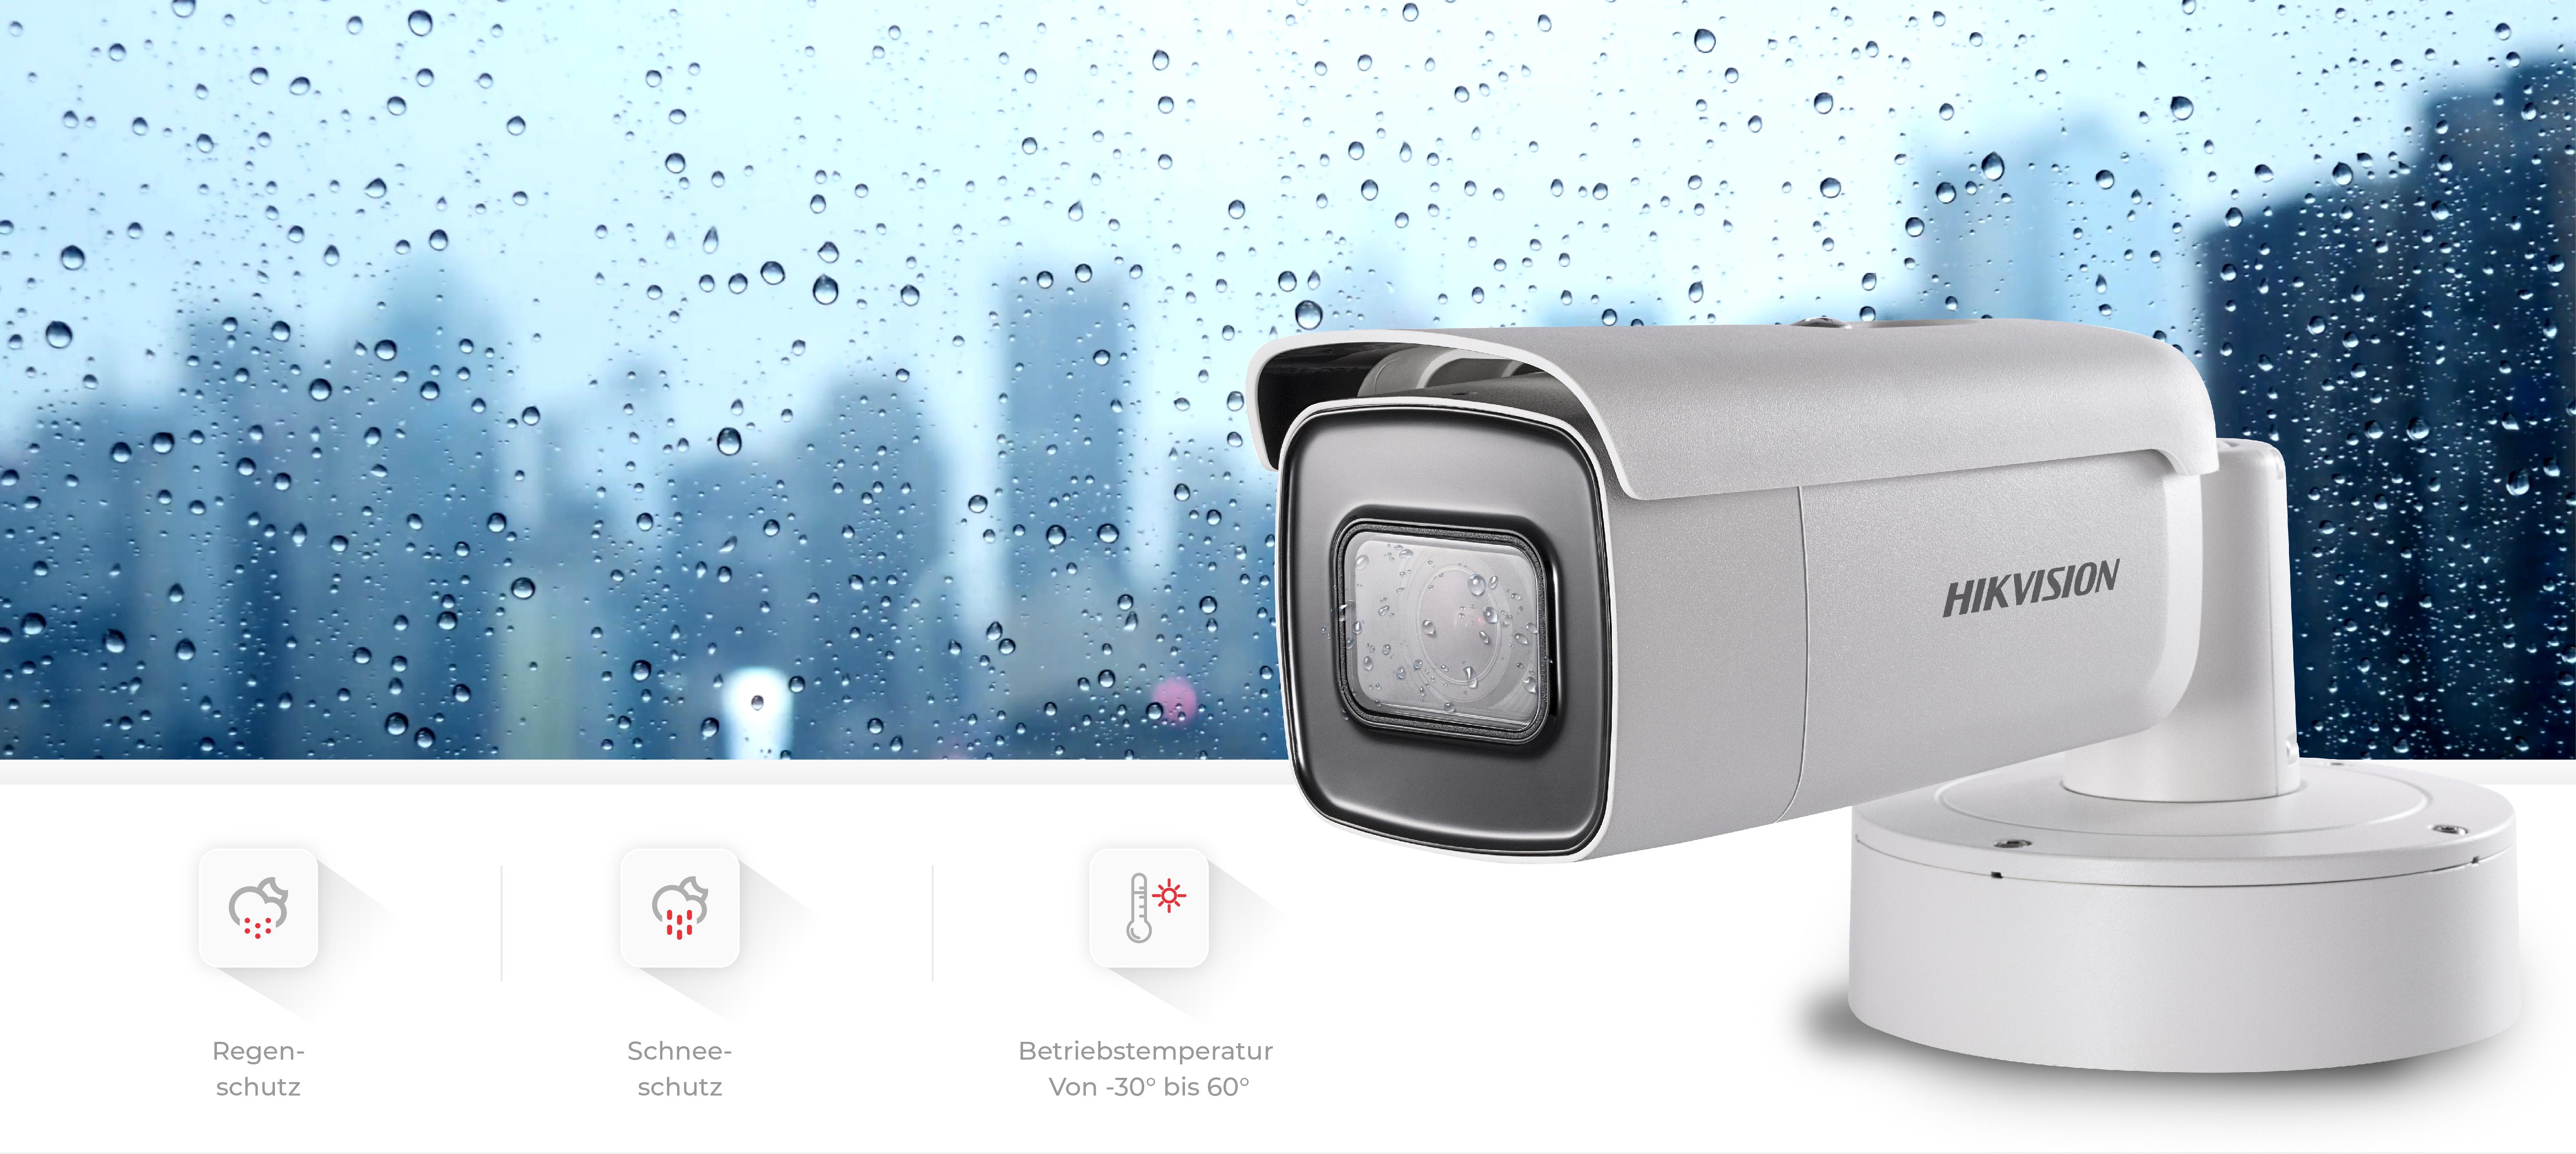 Hikvision Bullet Überwachungskamera Outdoor mit IP67